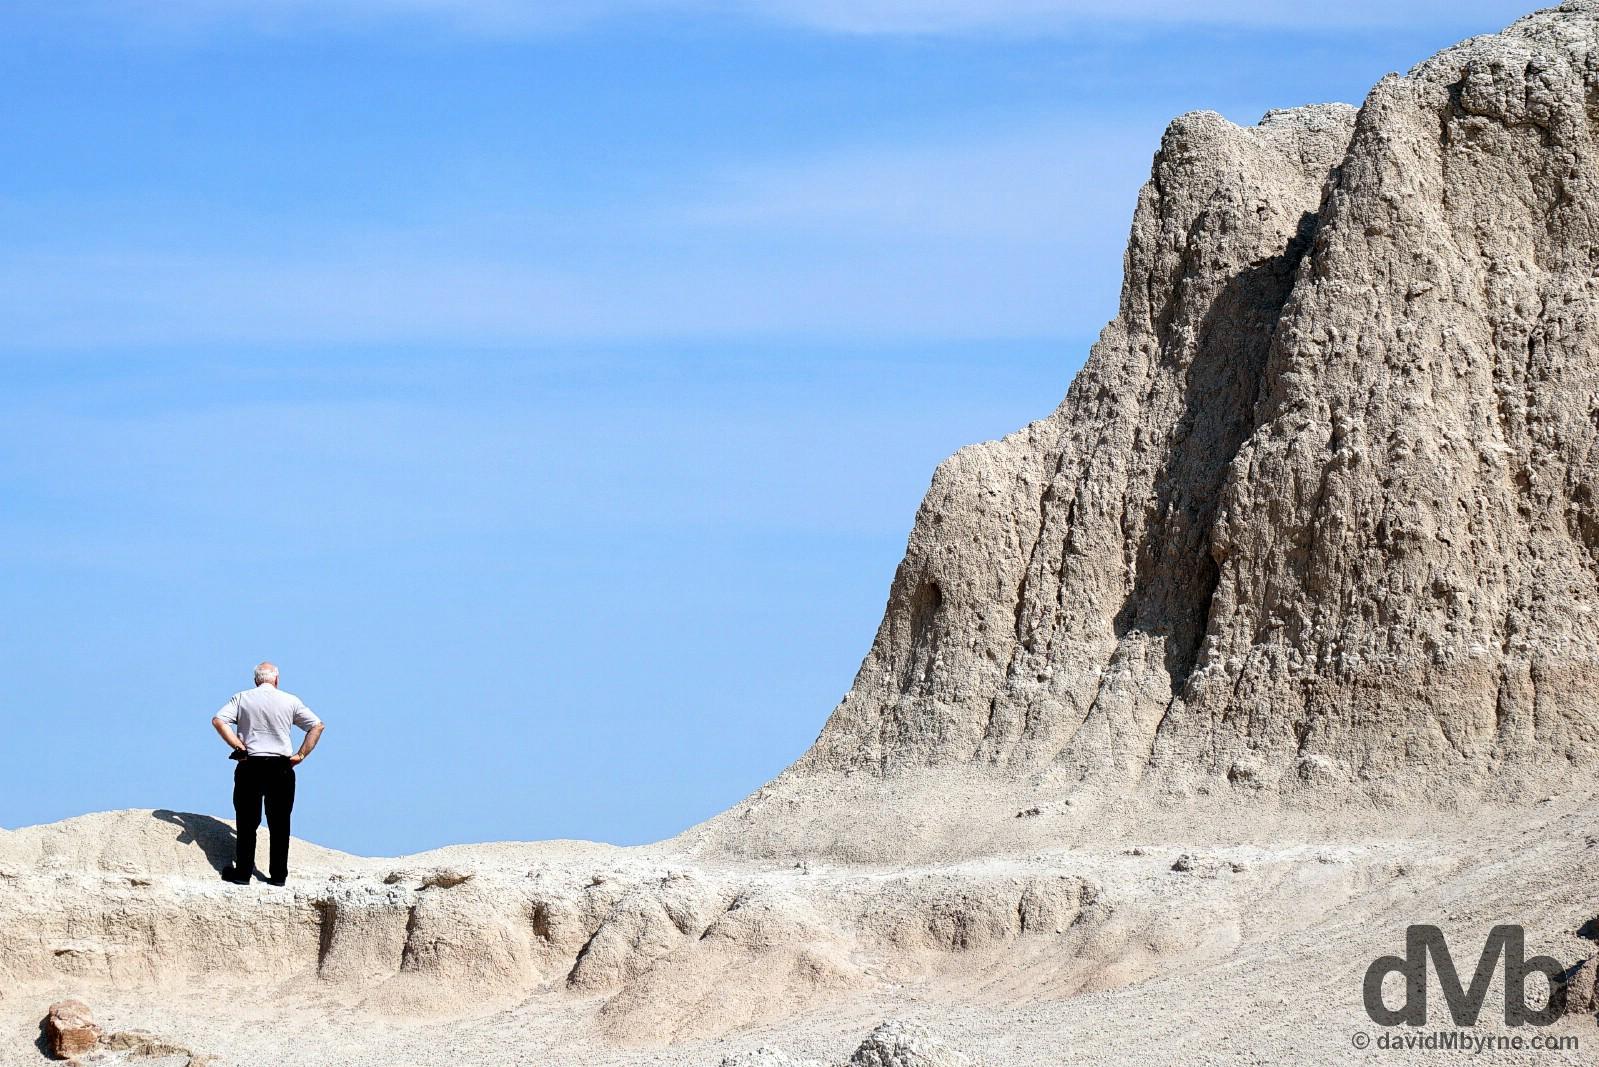 Among the rock formations of Badlands National Park, South Dakota. September 1, 2016.